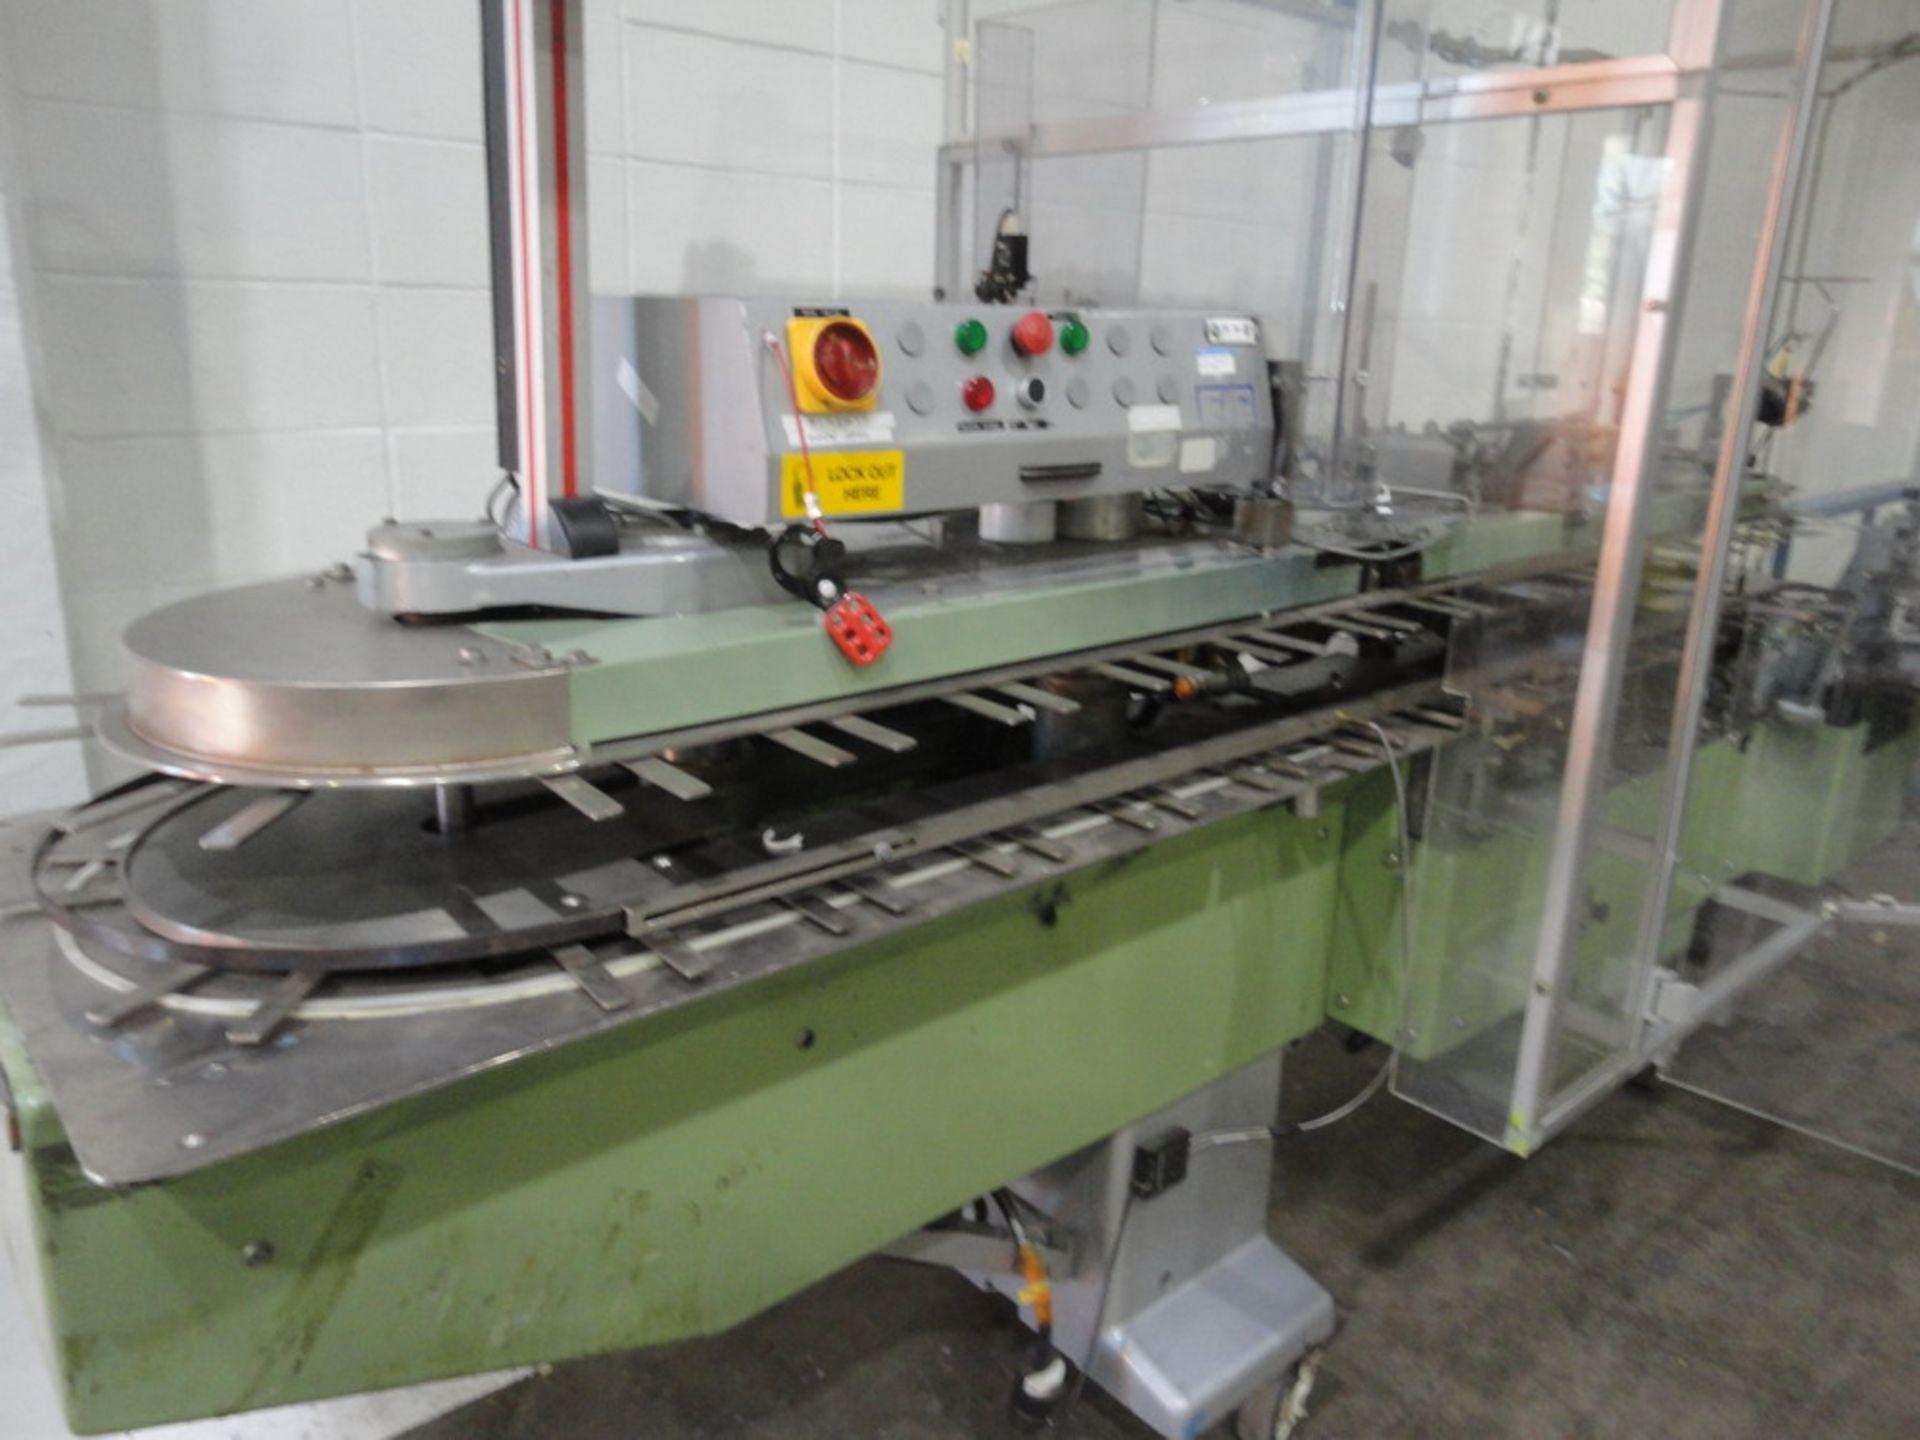 Lot 102 - CAM Automatic Vertical Cartoner, Model C13295-AV78-22